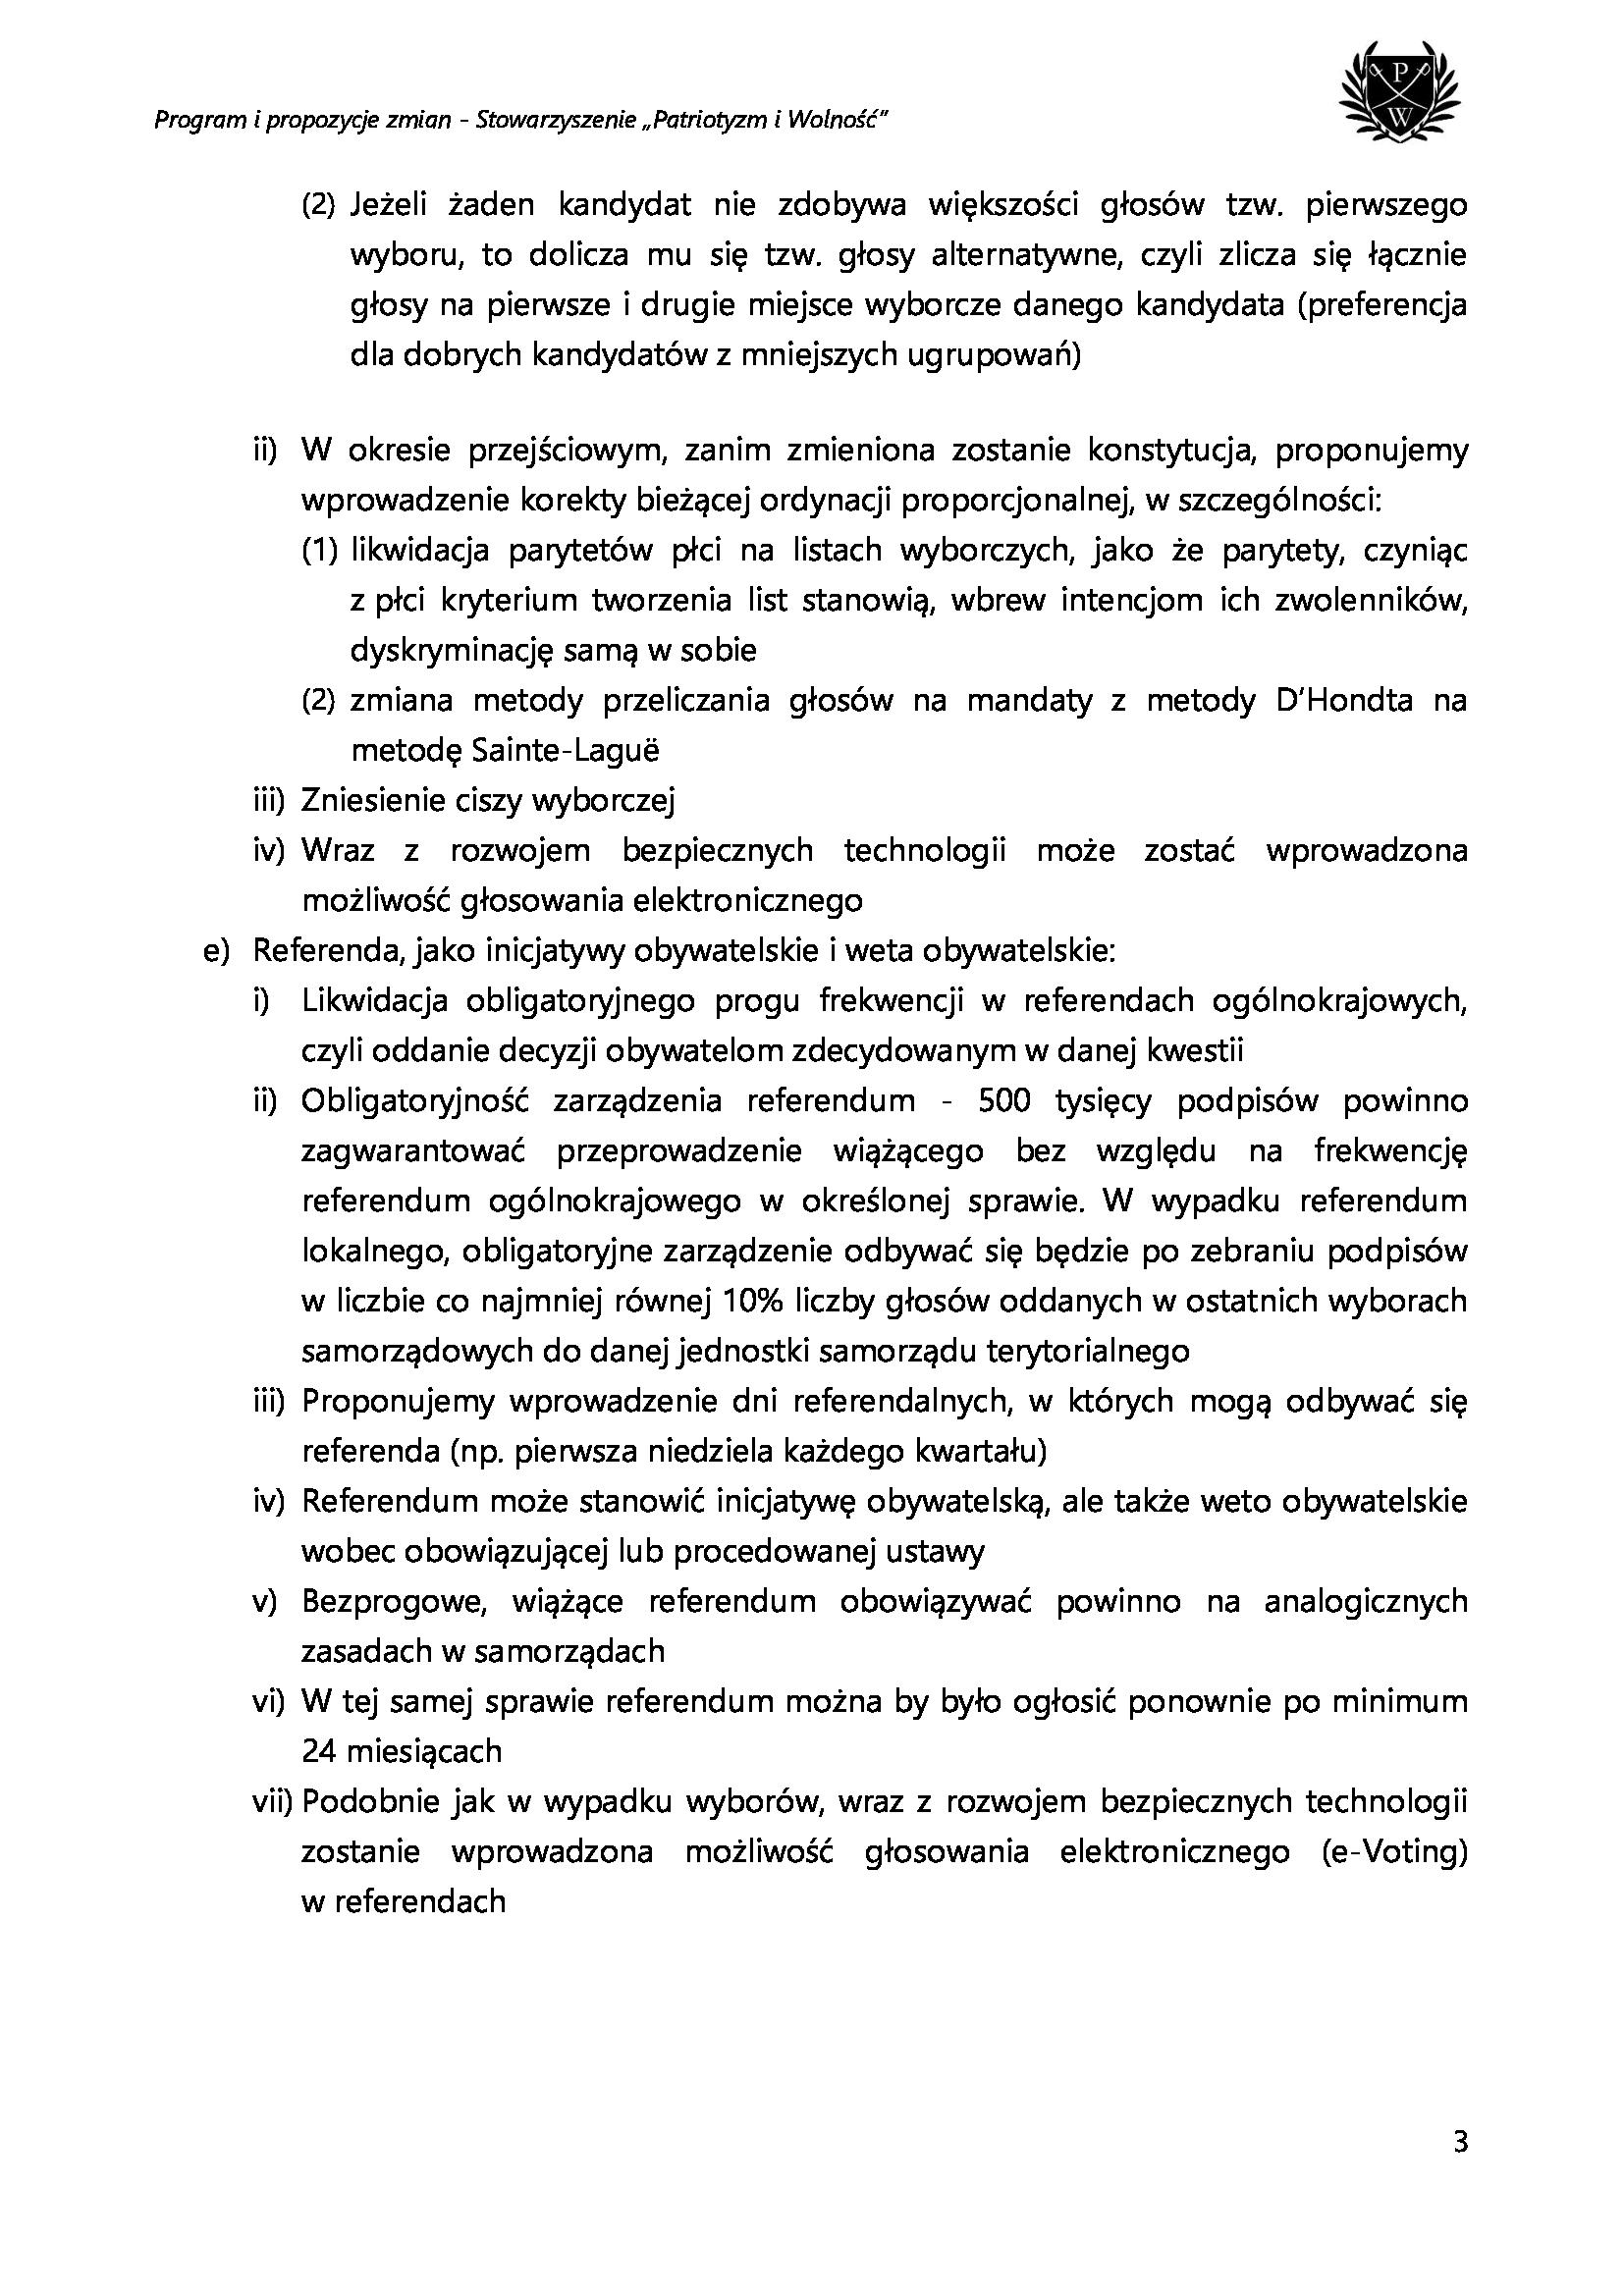 db9e272ef5a9a2e66d26f1905be6c507-3